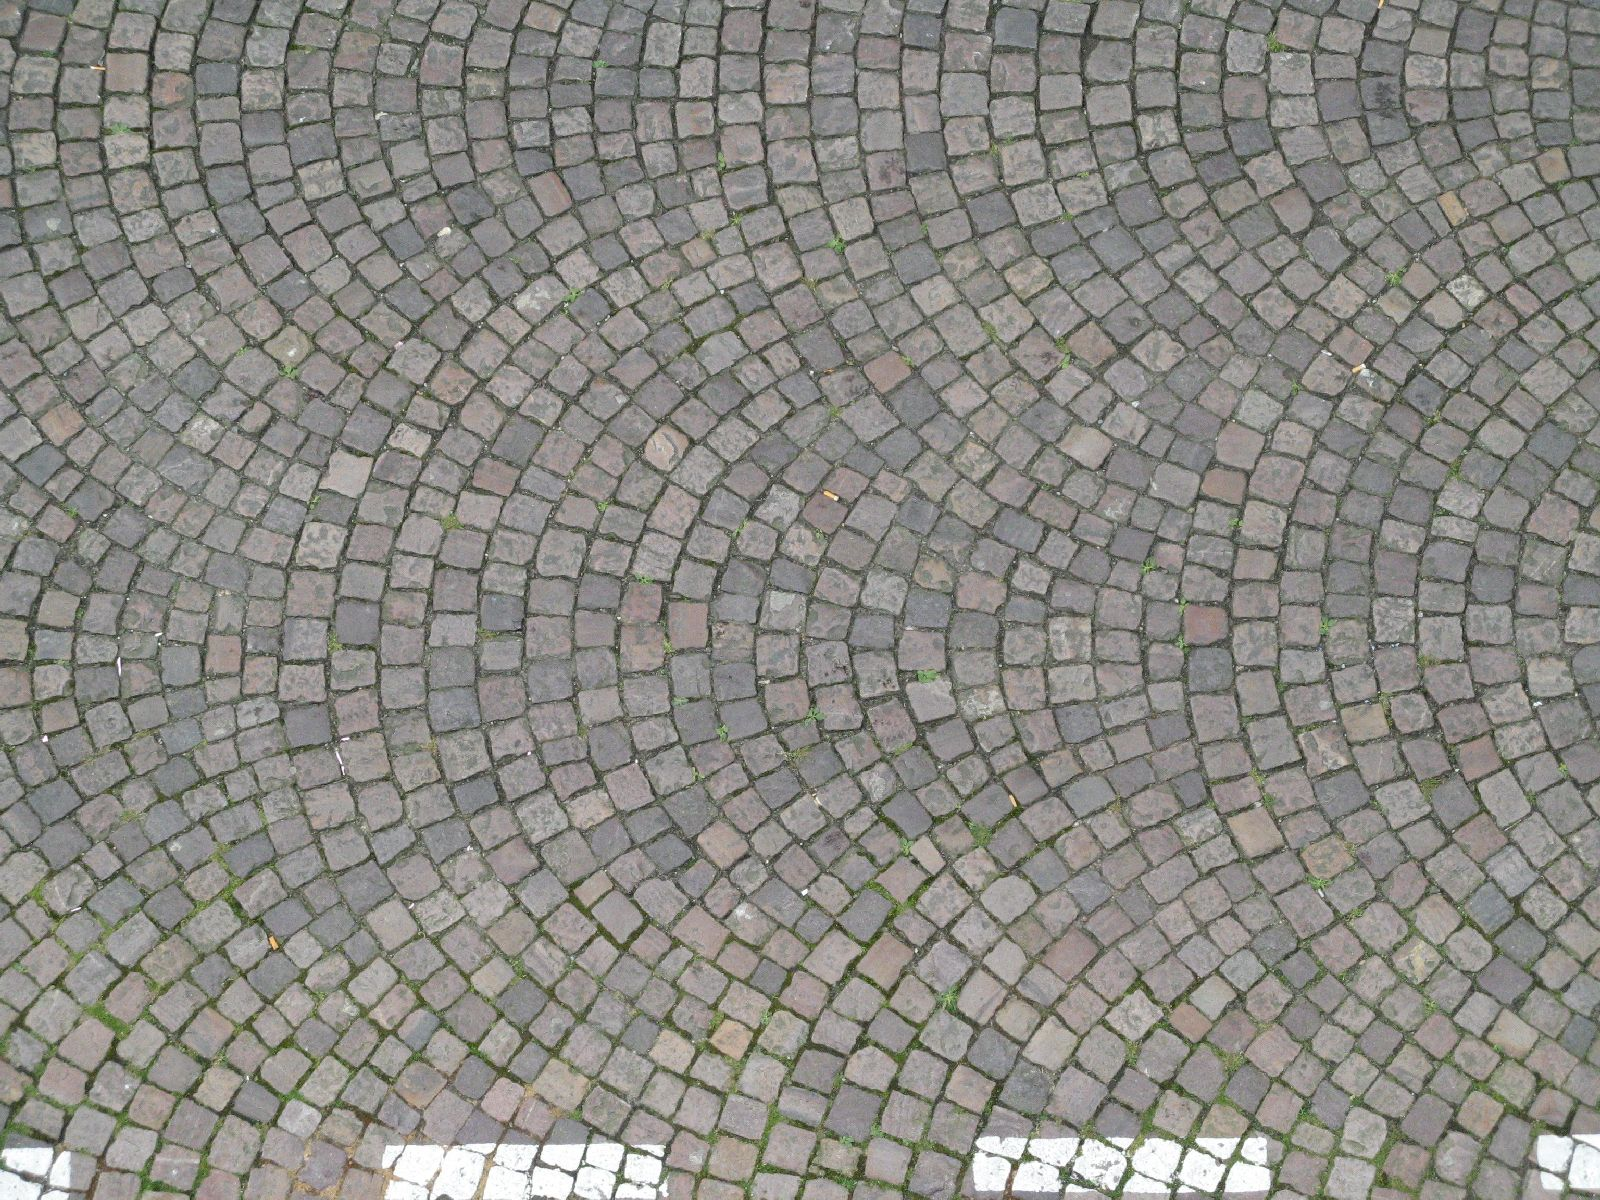 Boden-Gehweg-Strasse-Buergersteig-Textur_B_1864